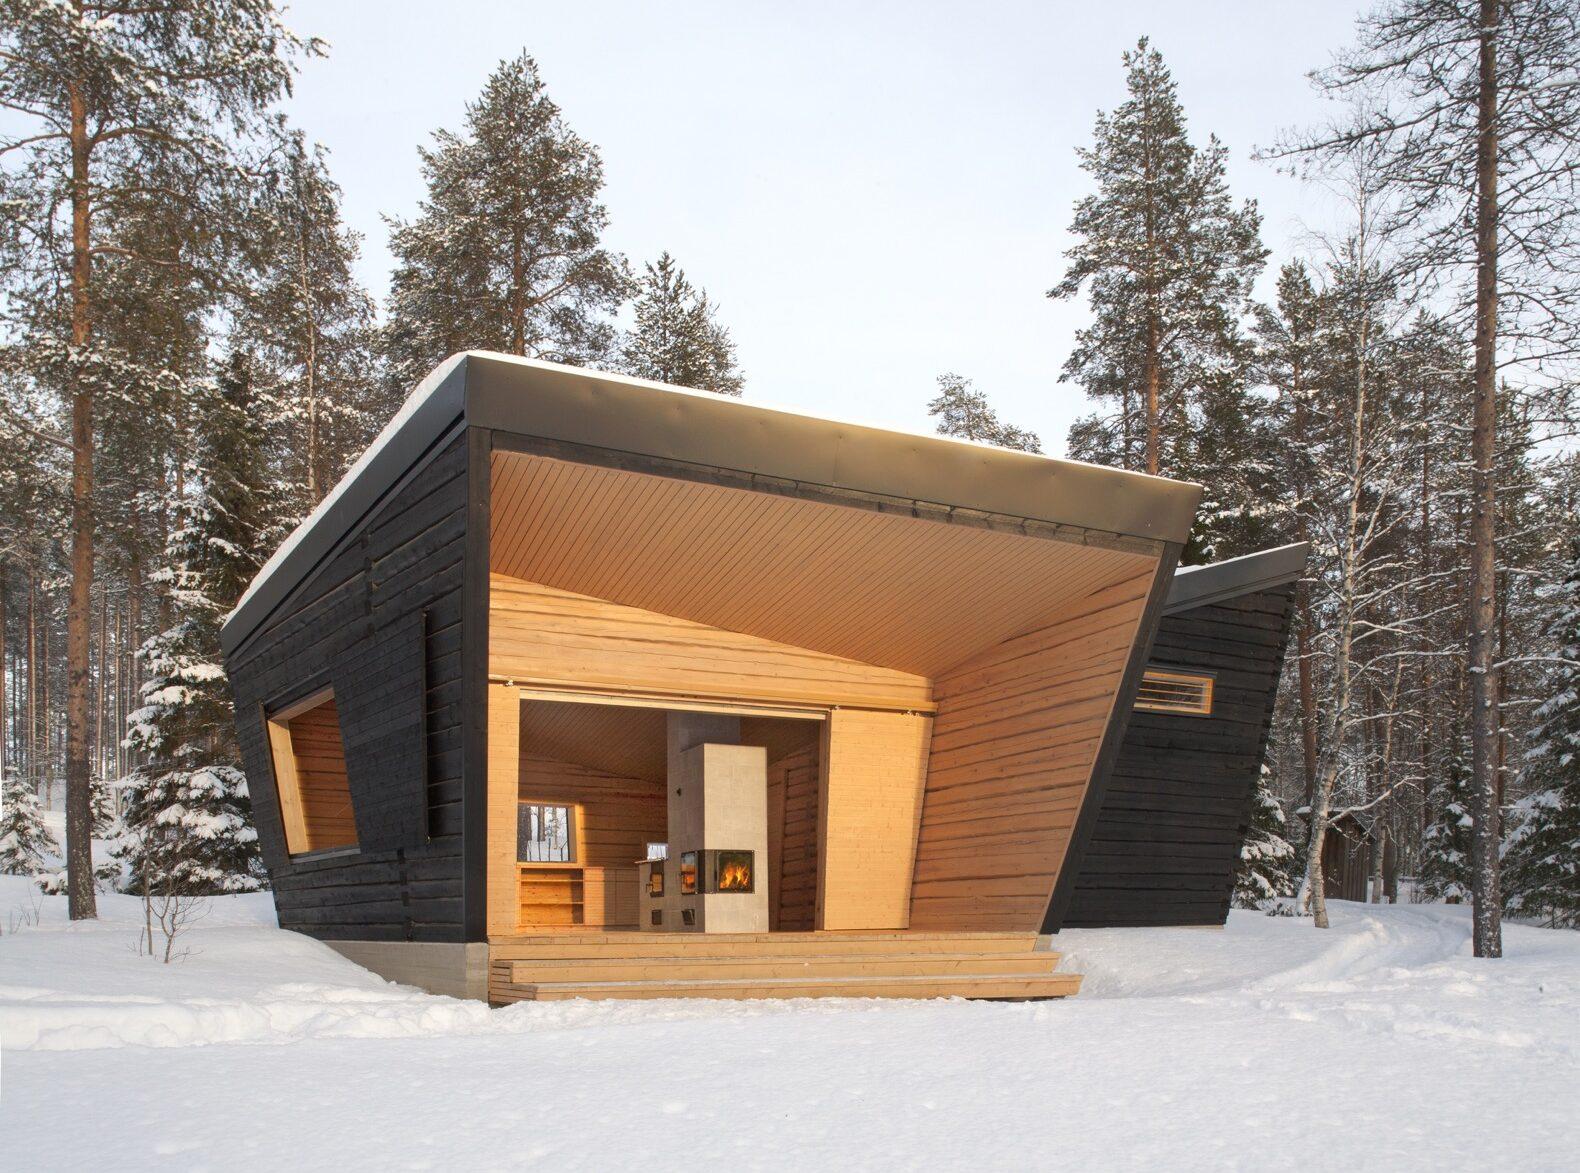 un bâtiment angulaire avec une façade en bois noir, des accents de bois clair et une entrée ouverte au milieu d'une forêt enneigée